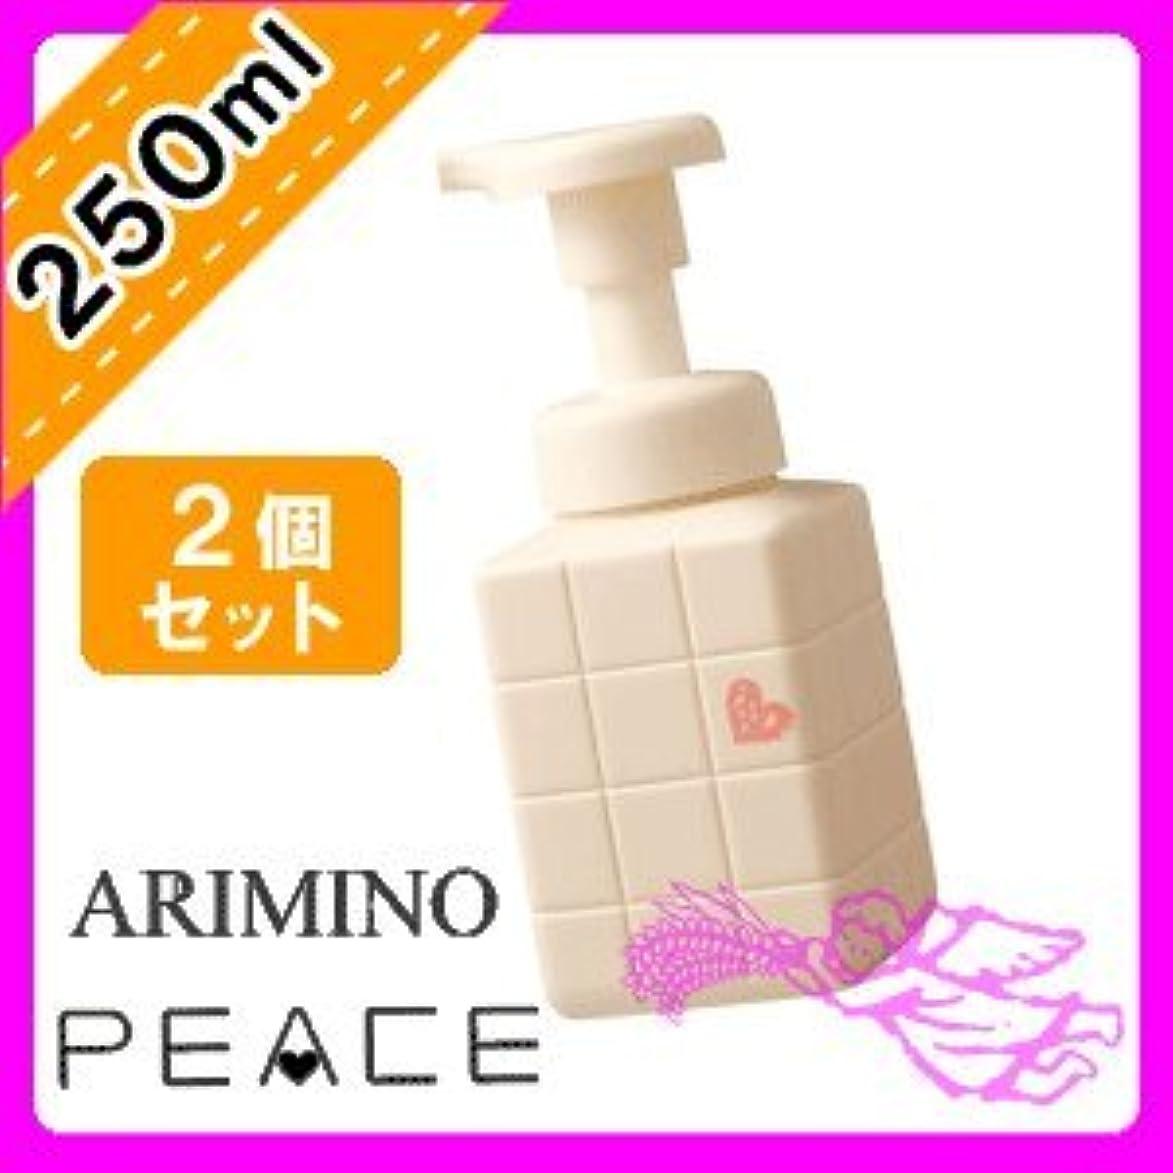 シェーバー姉妹チューリップアリミノ ピース ホイップワックス PEACE ナチュラルウェーブ ホイップ250mL ×2個 セット arimino PEACE